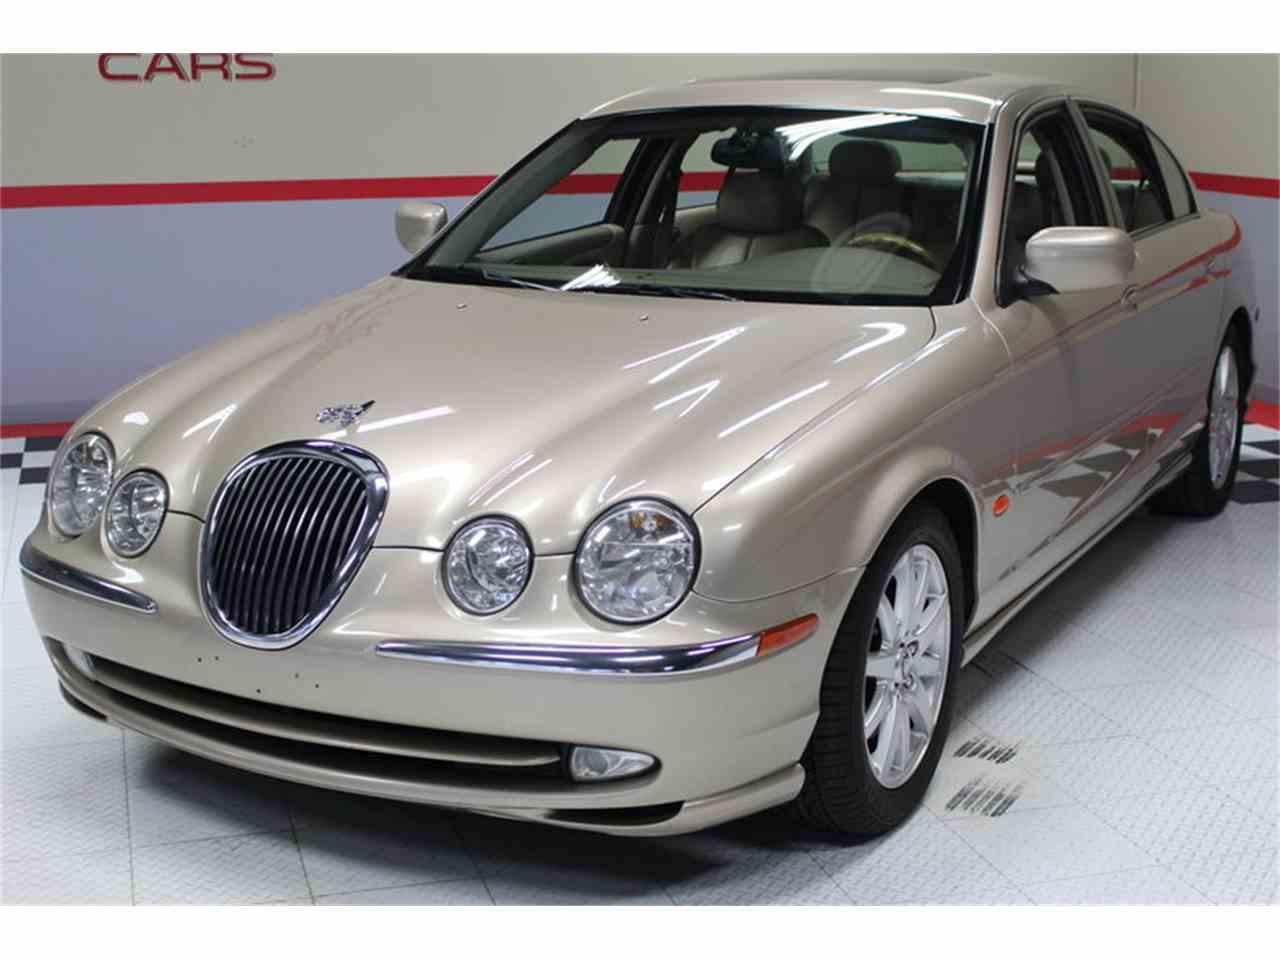 2001 Jaguar S-Type for Sale | ClassicCars.com | CC-1061238